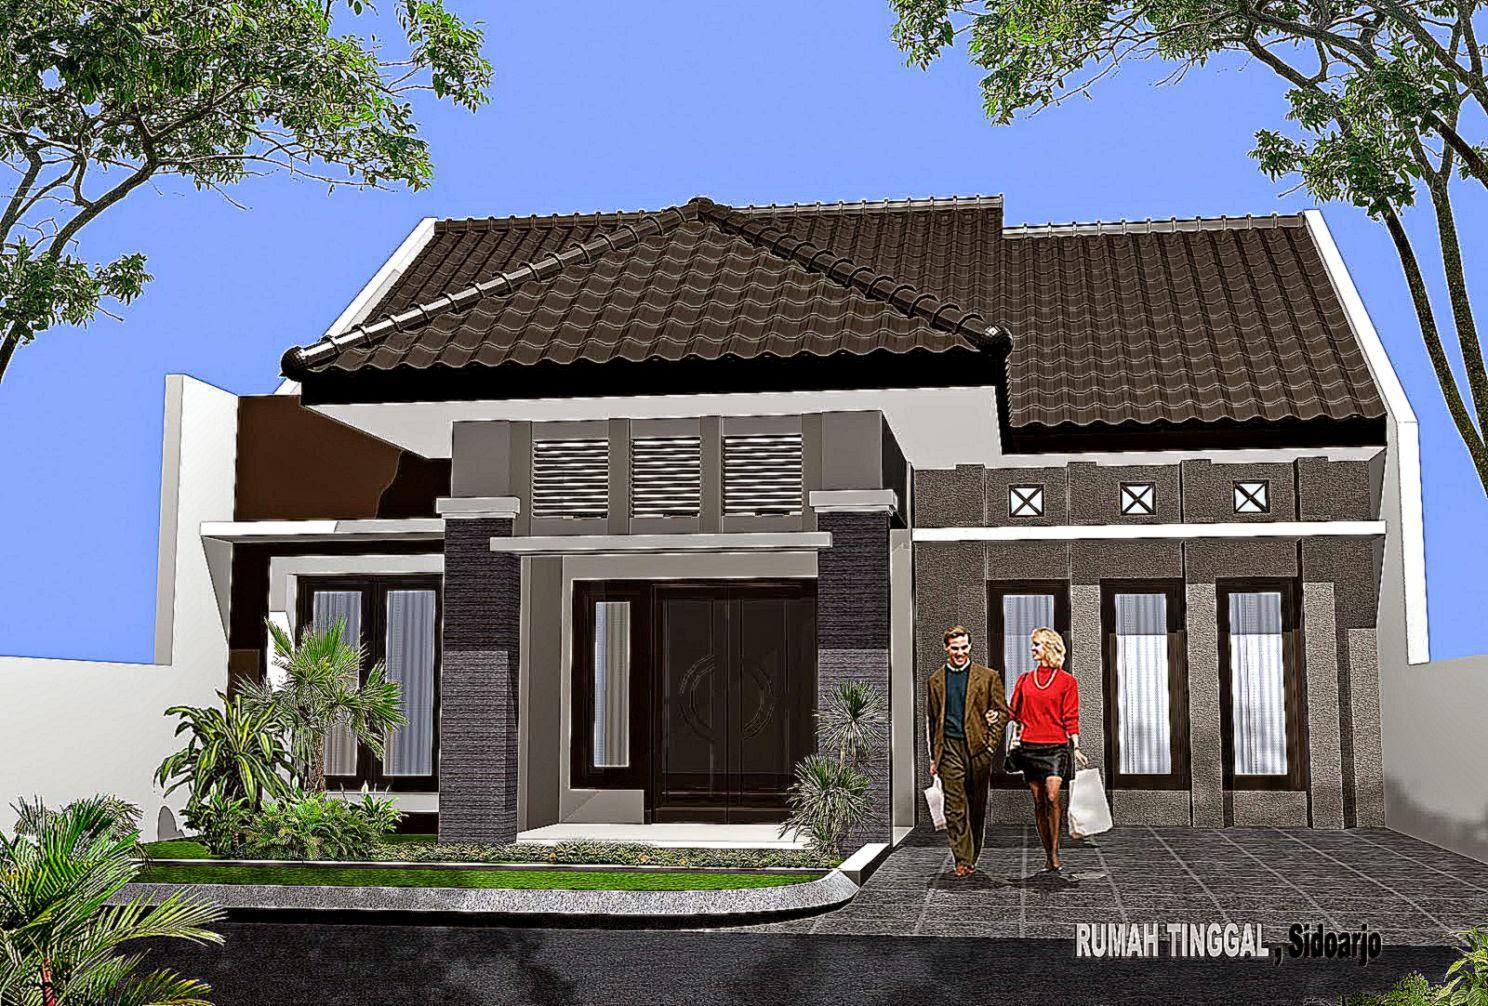 Download Wallpaper Gambar Rumah Gudang Wallpaper